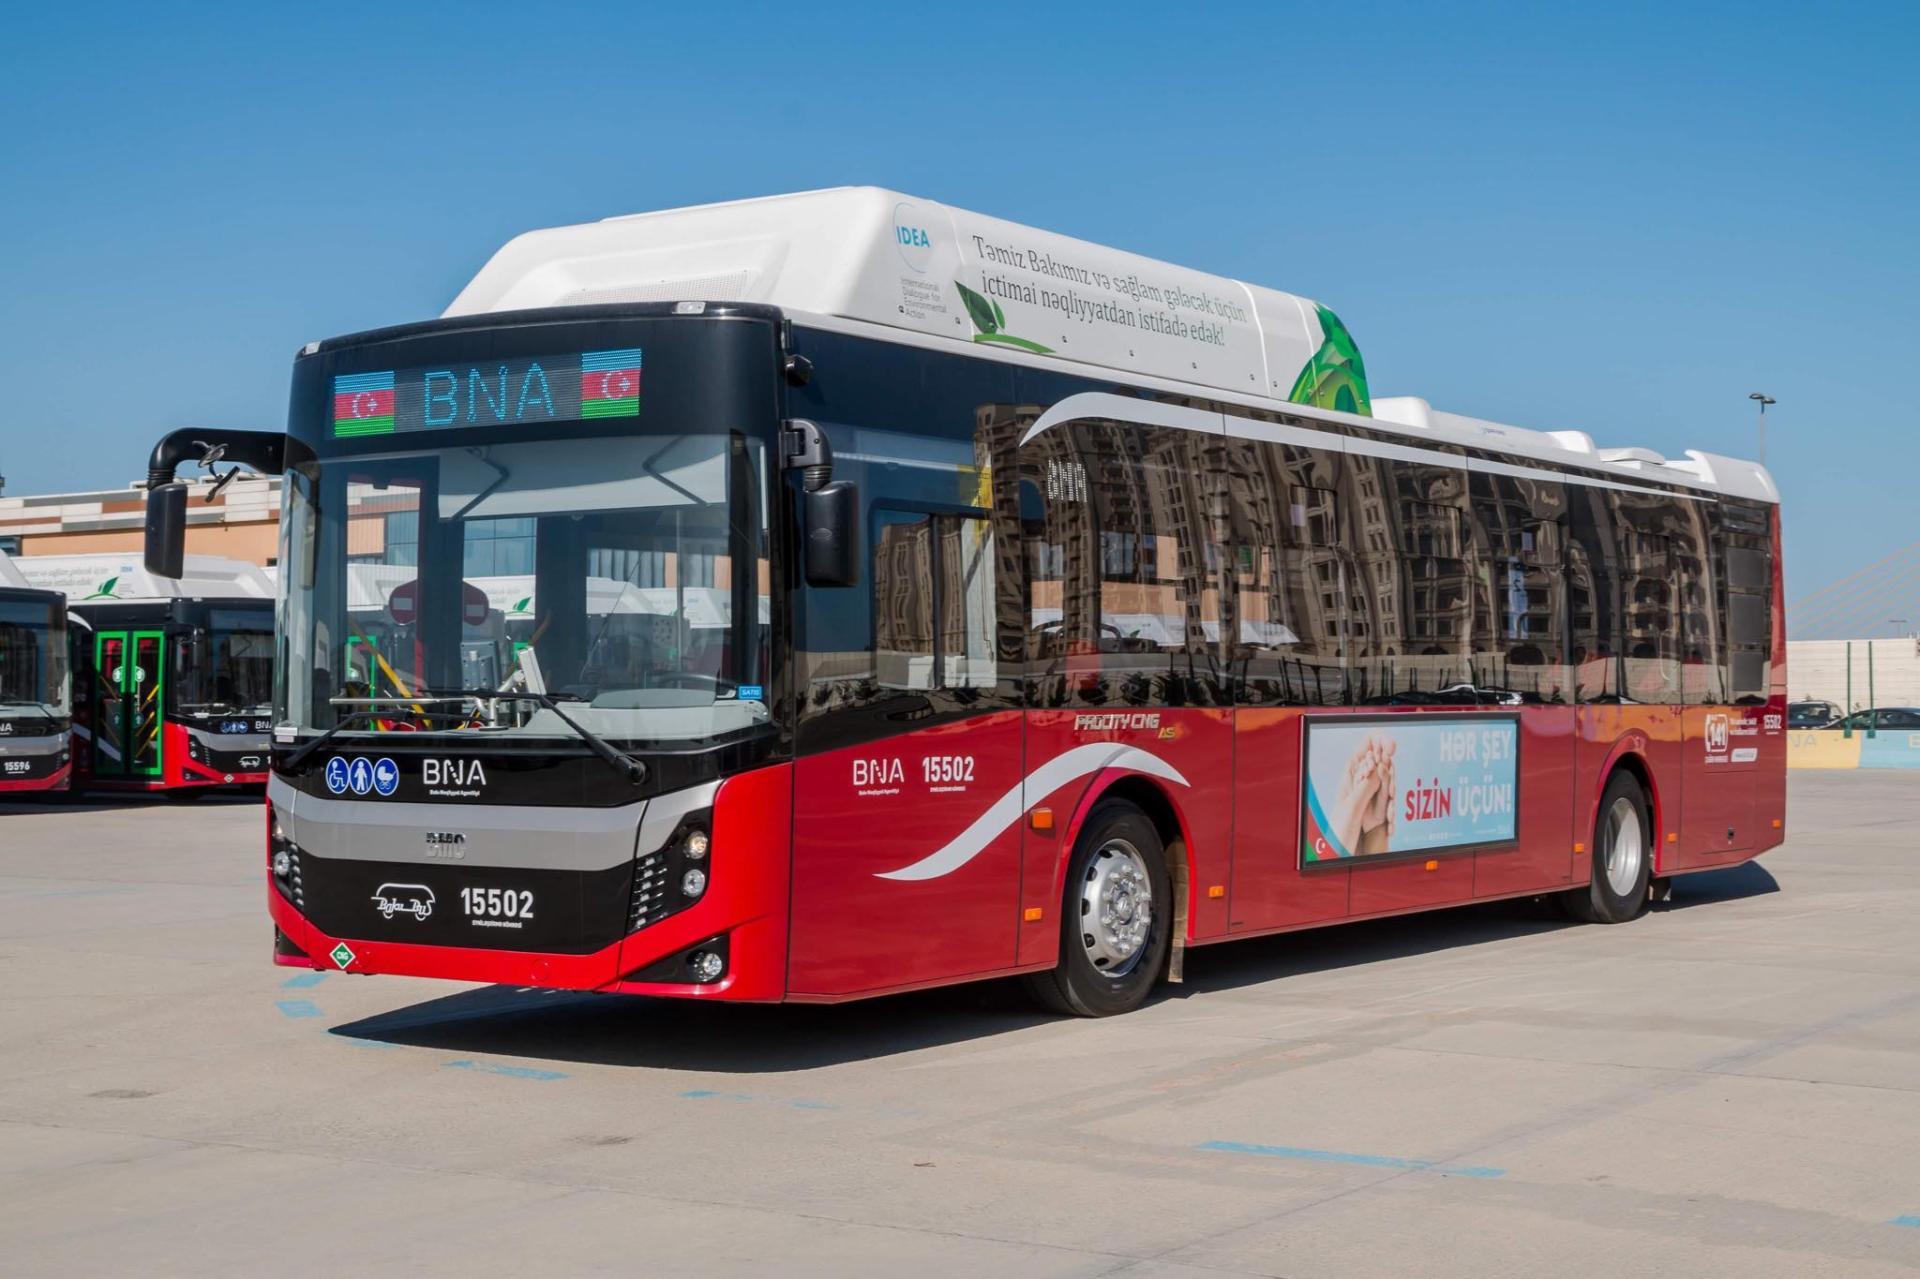 2021/09/bna_bus_161019_02_1632501823.jpg